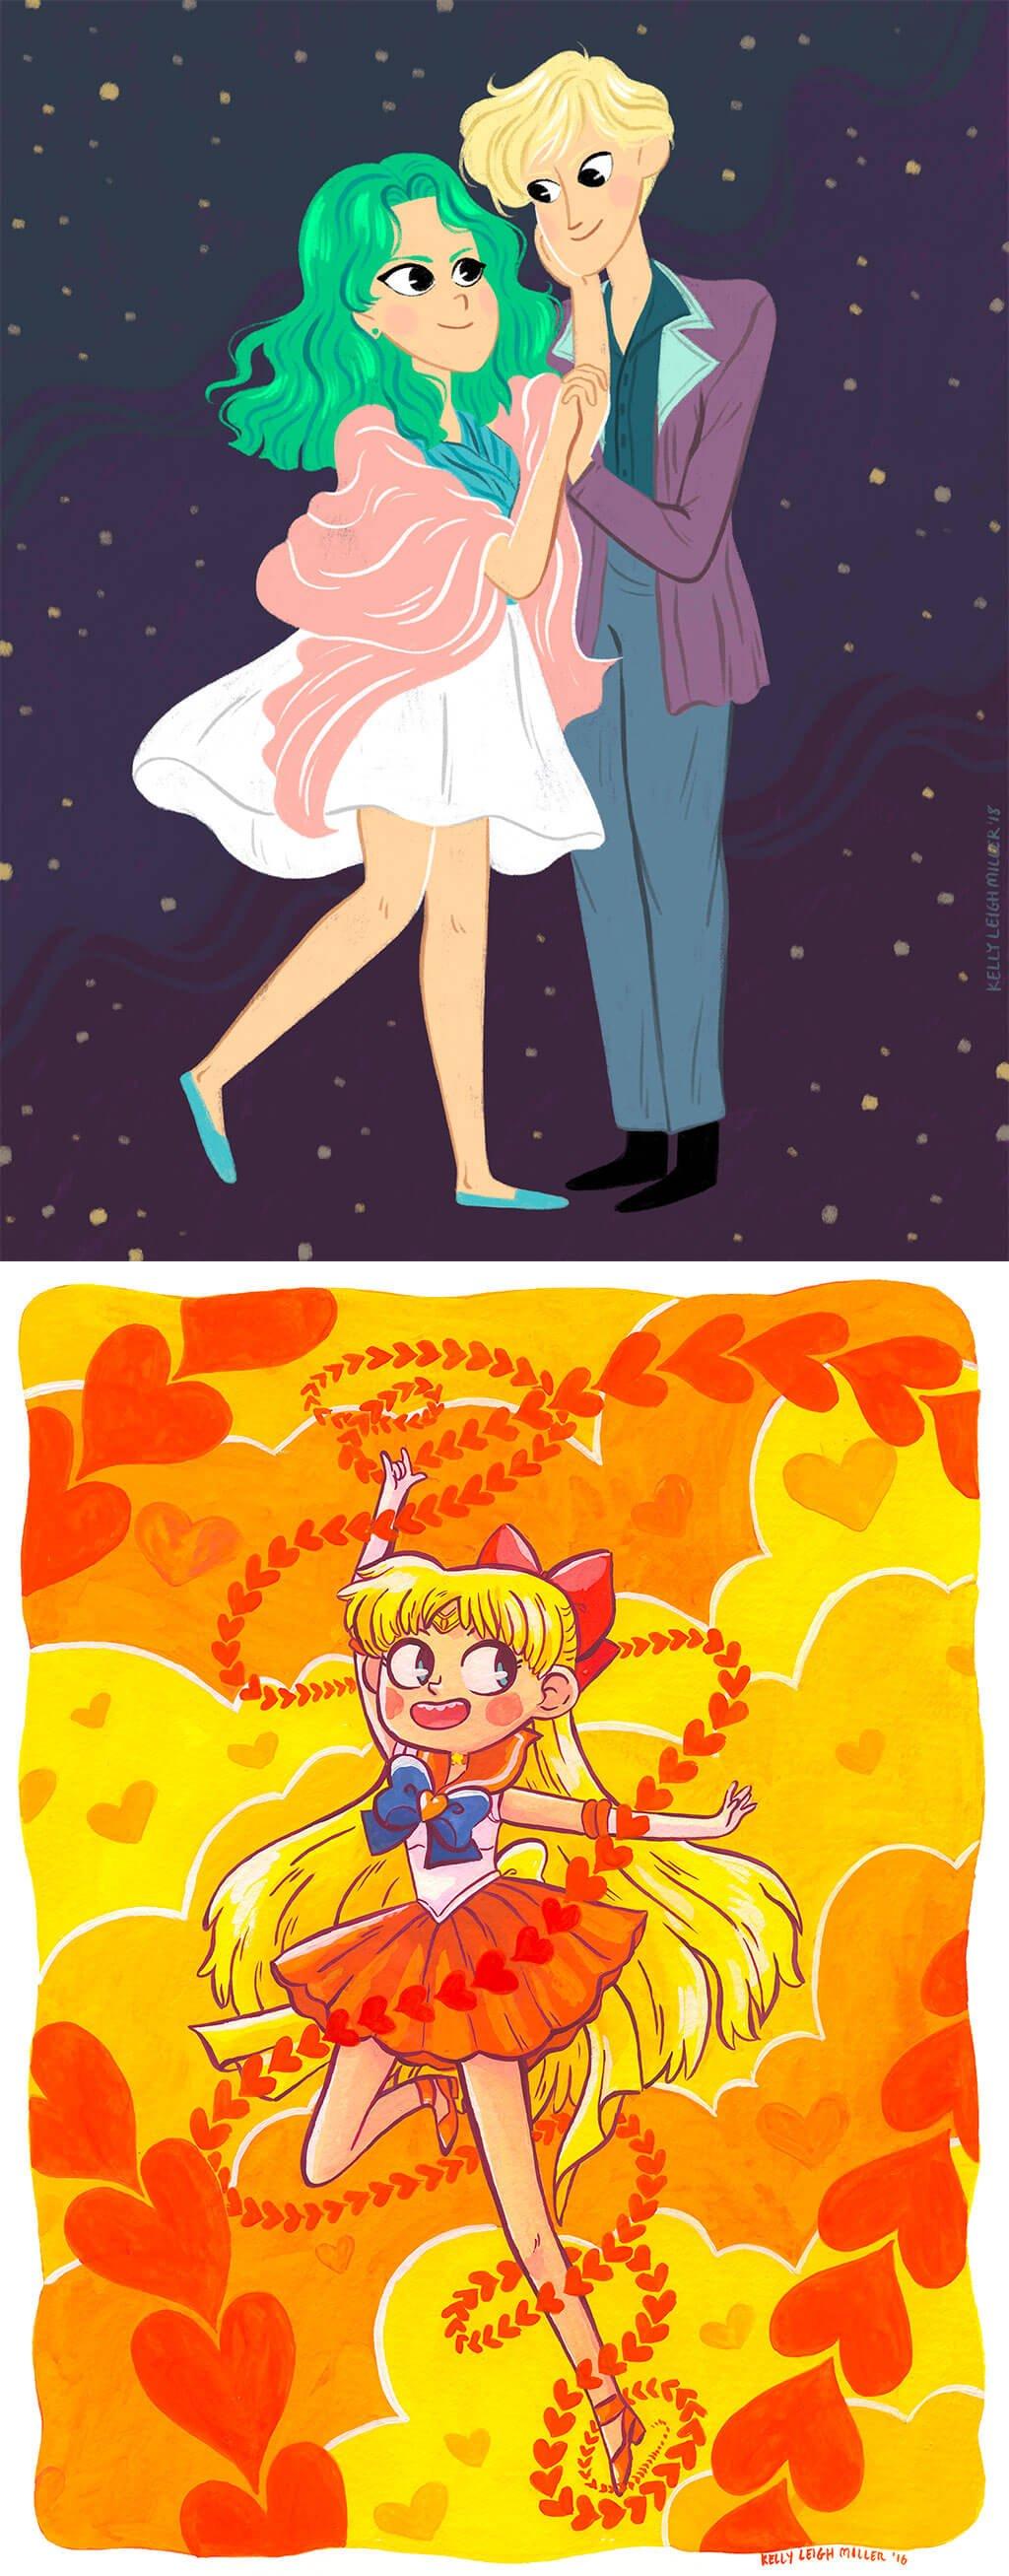 Sailor Moon Fanart by Kelly Miller